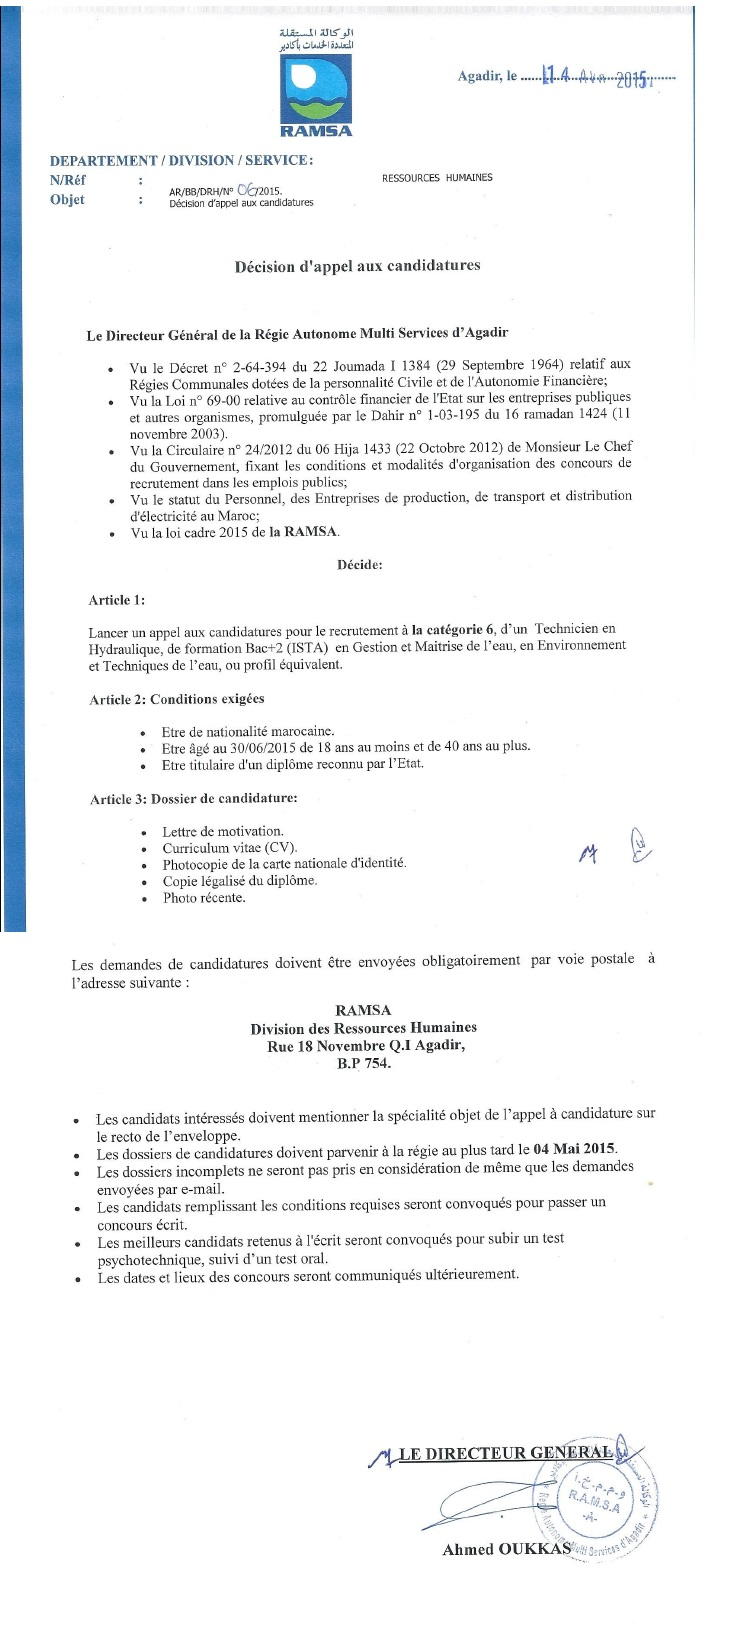 الوكالة المستقلة المتعددة الخدمات بأكادير : مباراة لتوظيف تقني (10 مناصب) آخر أجل لإيداع الترشيحات 4 ماي 2015 Concou54